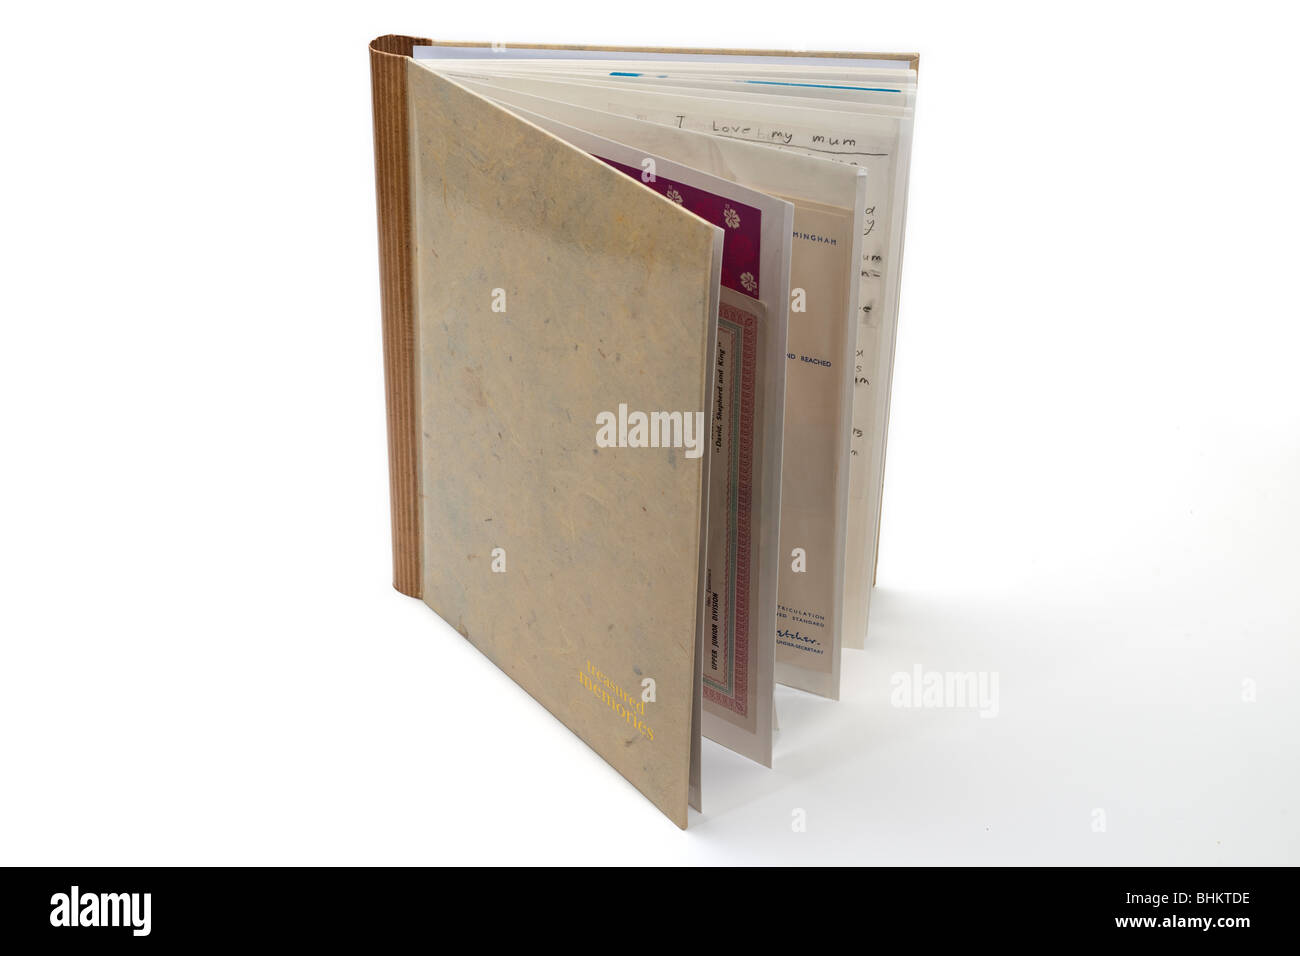 Livre de précieux souvenirs Photo Stock